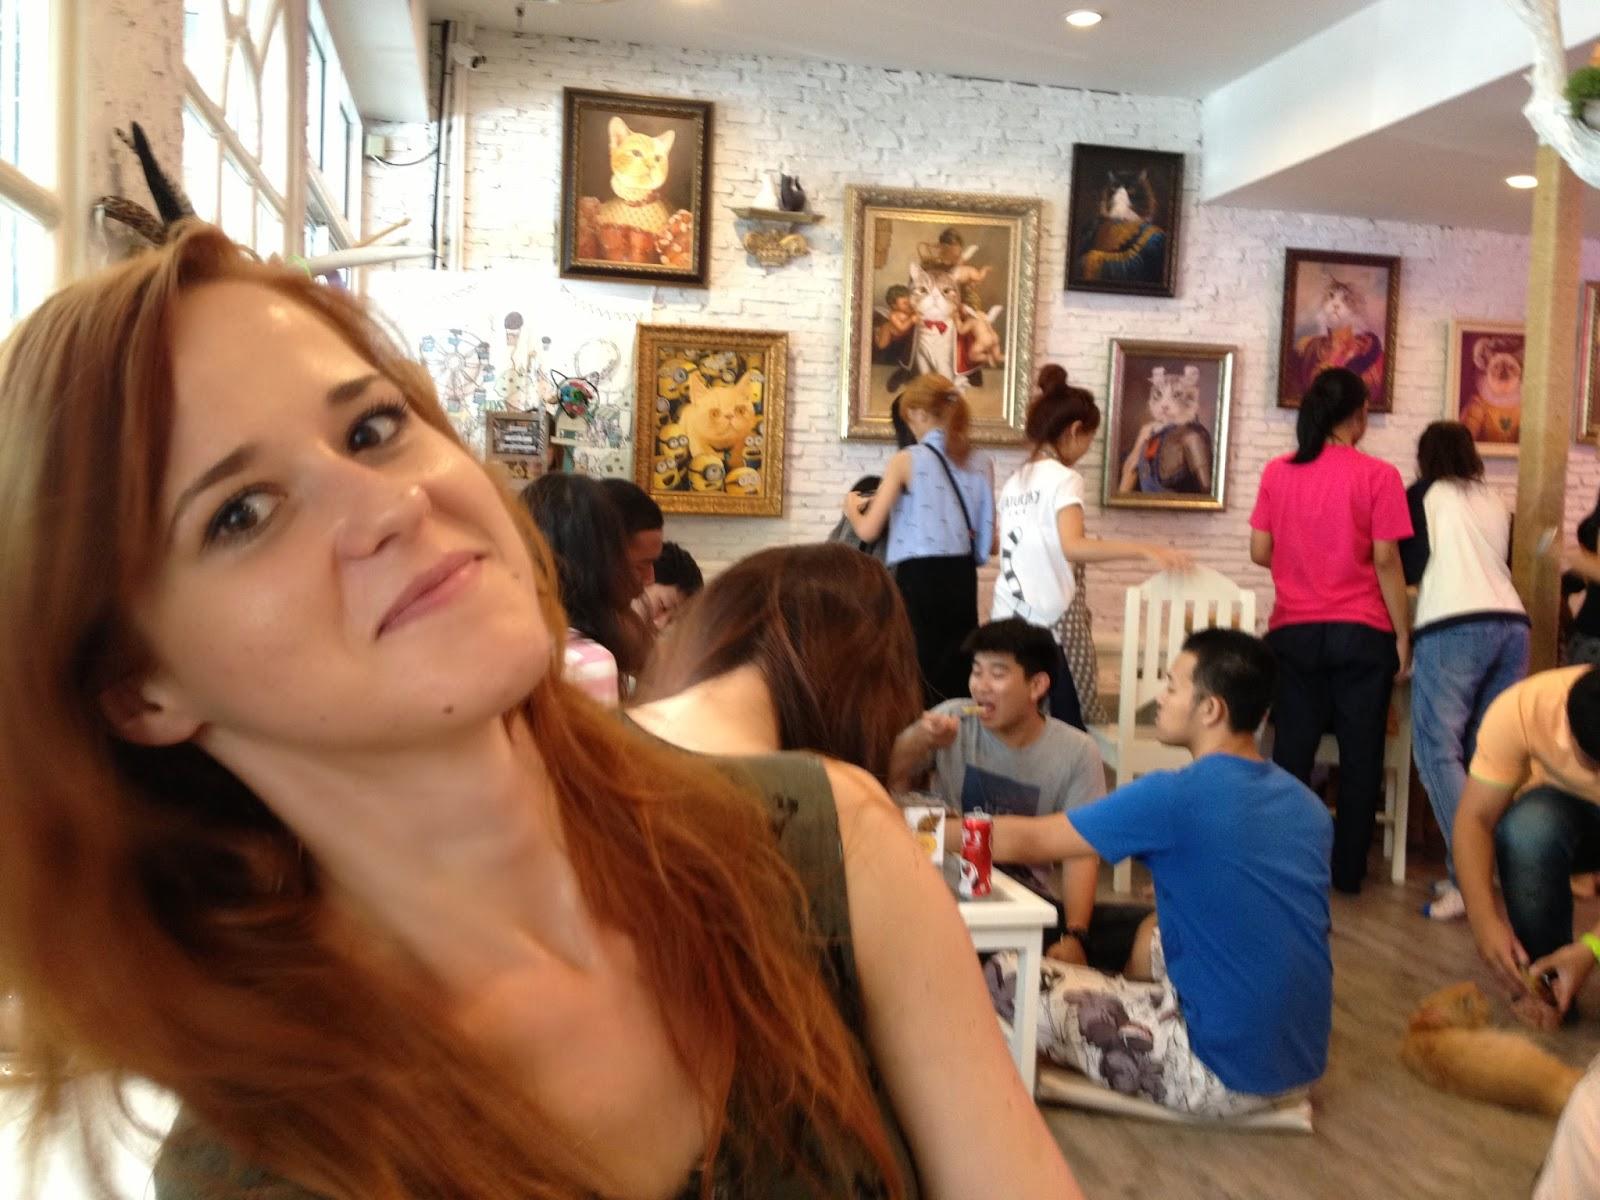 kočky, milovníci koček, blog o kočkách,blog o Thajsku, Sirocco Bangkok, restaurace Bangkok, Lebua Bangkok, Lebua Thajsko, Sirocco Thajsko, The Dome Thajsko, blog o bangkoku, thajský blog, kam zajít v Bangkoku, co navštívit v Bangkoku, co navštívit v Thajsku, nejlepší místo v Bangkoku, kde se natáčela Pařba v Bangkoku, Pařba v Bangkoku,thajská kultura, thajsko, thajsko bez cestovky, thajsko na vlastní pěst, thajky, thajská seznamka, blog o thajsku, thajský blog, život v thajsku, cestování po thajsku, cestování bangkok, bangkok na vlastní pěst, fashion house, fashion house blog, fashionhouse.cz, www.fashionhouse.cz, češka žijící v zahraničí, češi v Asii, ubytování bangkok, cestovní rádce bangkok, život v zahraničí, blog o cestování, blog o životě v Thajsku, práce v Thajsku, víza do Thajska, kadeřnictví, kadeřnictví v Thajsku, dovolená v thajsku, bydlení v thajsku, czech expats, český blog, nejlepší český blog, kam zajít v Bangkoku,